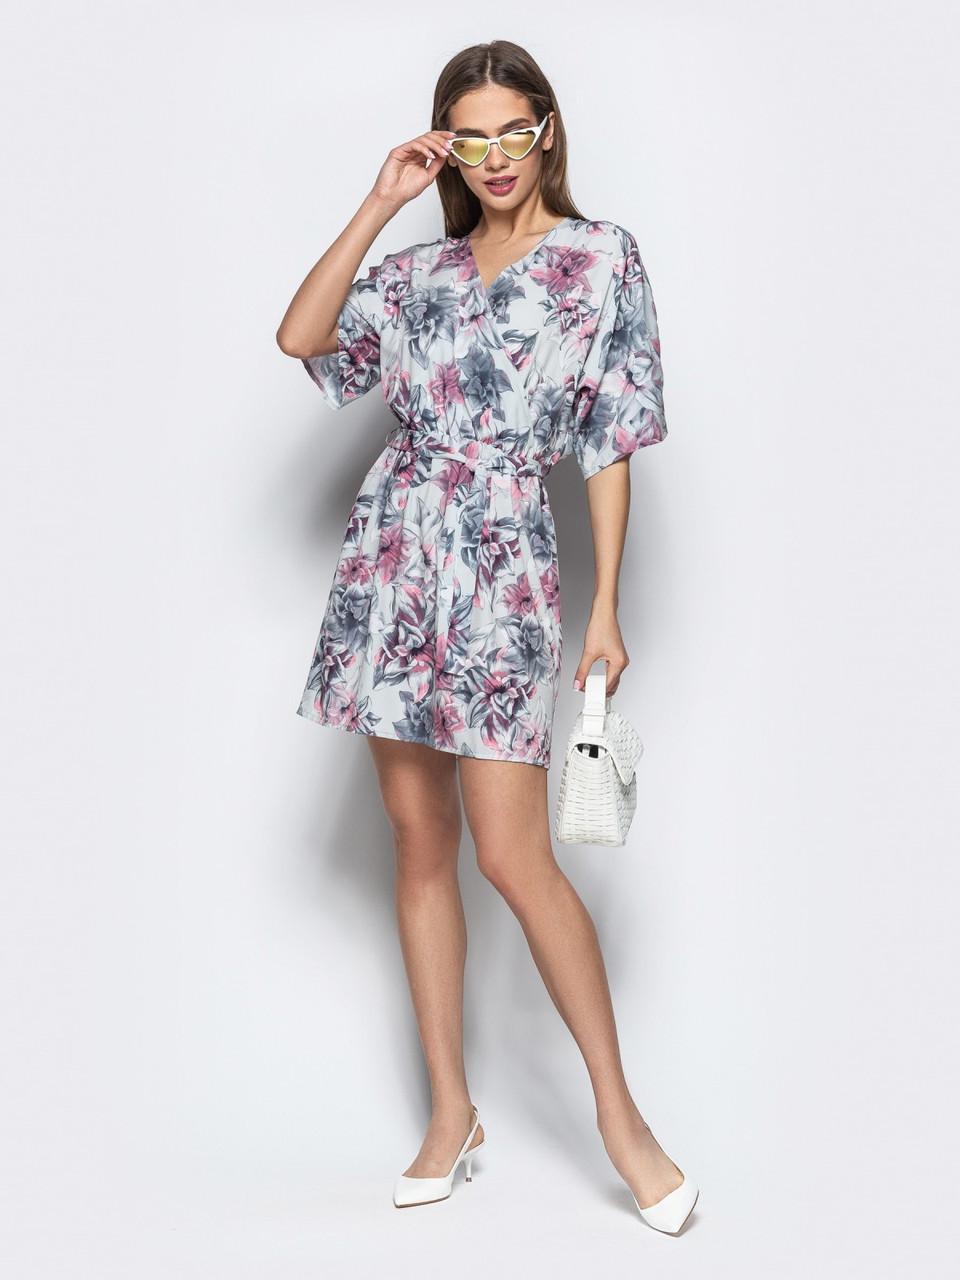 4eb087852cbc1a7 Стильное летнее платье на запах серого цвета с цветочным принтом - Стильная  женская одежда оптом и